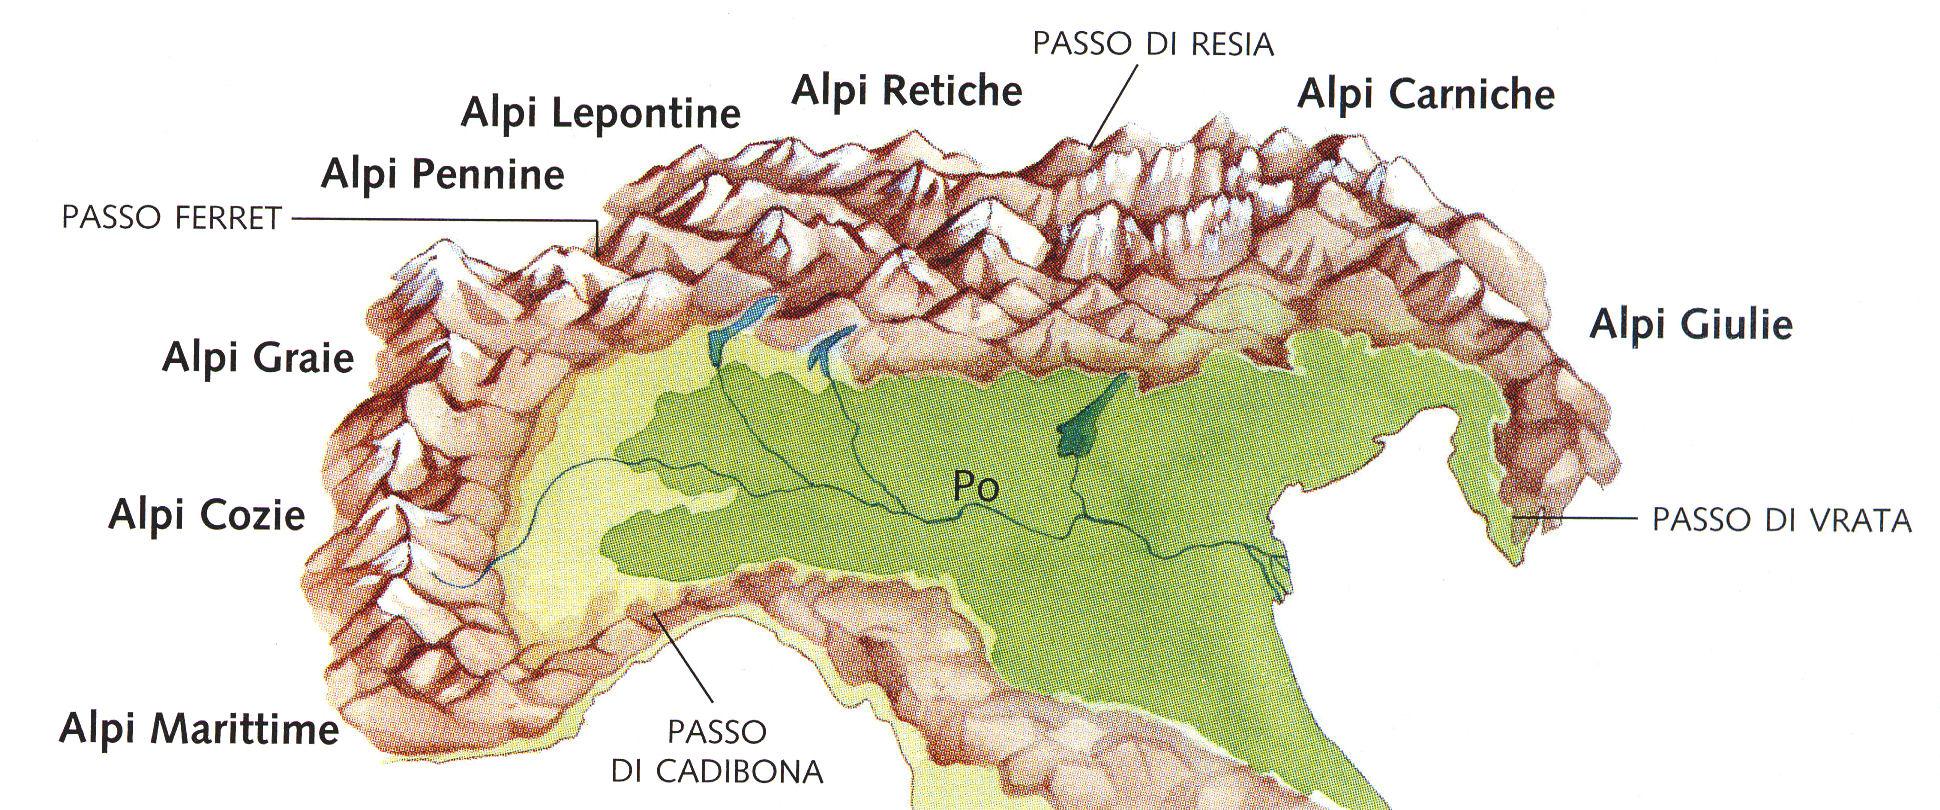 Cartina Dellitalia Alpi E Appennini.Le Alpi E Gli Appenini Imparo